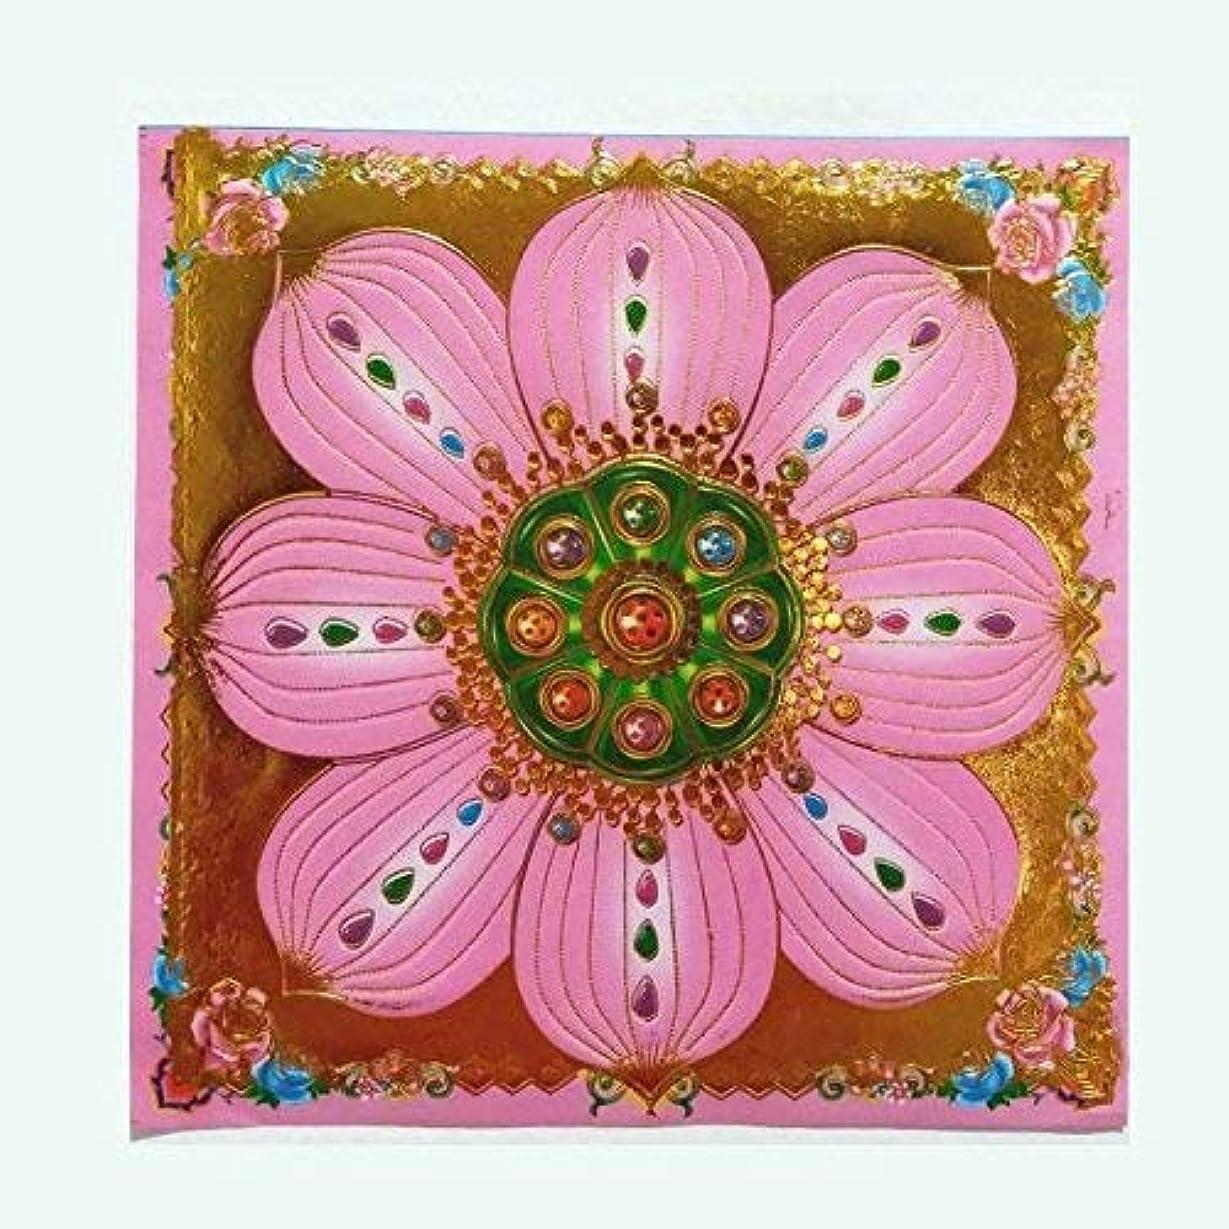 ユーモア不機嫌減る40pcs Incense用紙/ Joss用紙ハイグレードカラフルwithゴールドの箔Sサイズの祖先Praying 7.5インチx 7.5インチ(ピンク)